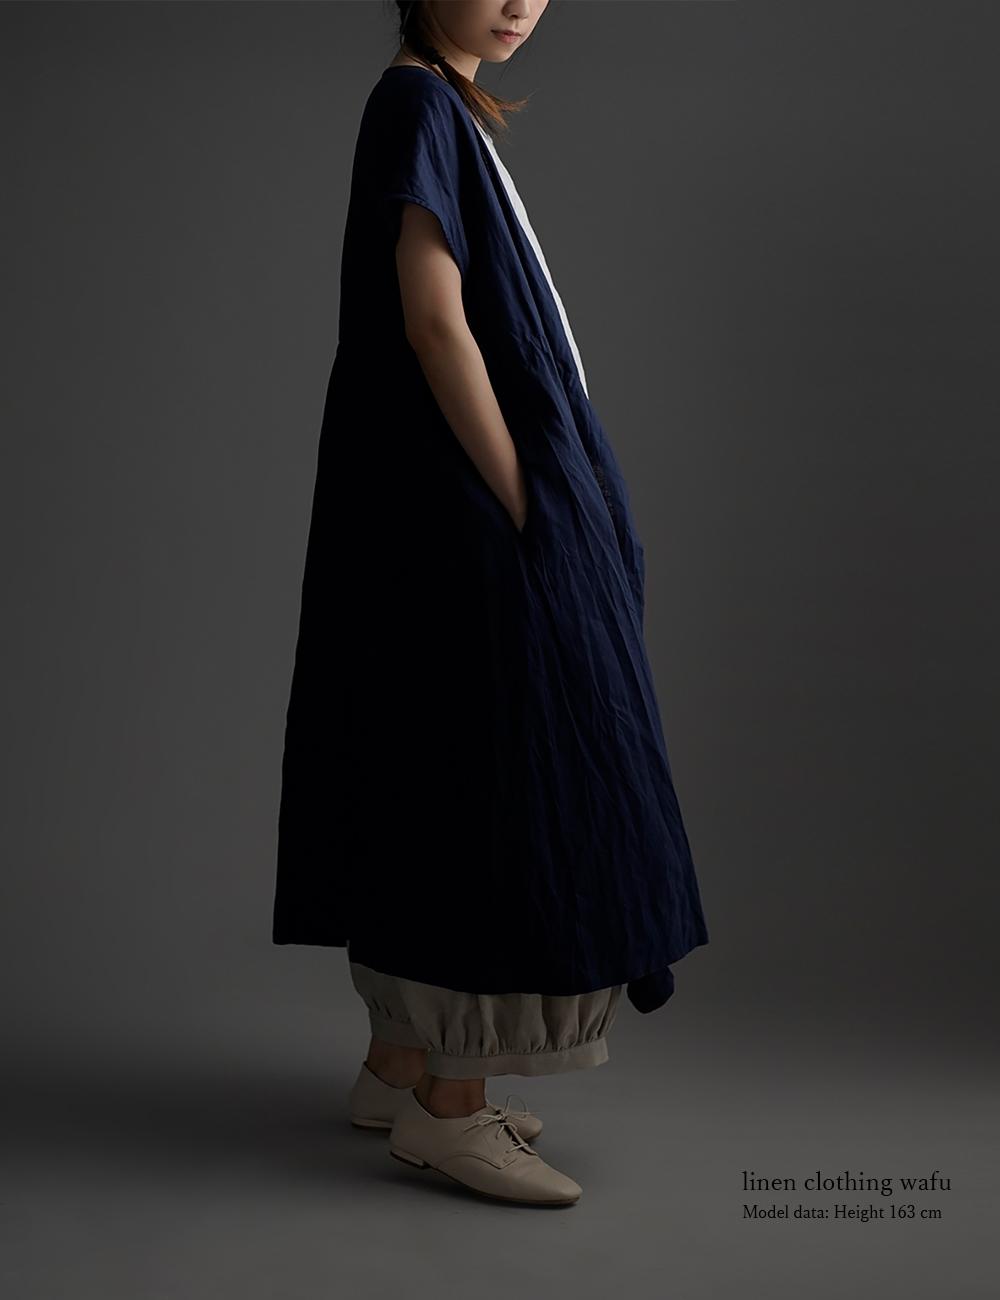 【wafu】 Linen Cache-coeur Dress リネン カシュクール 2way ハンドワッシャー 薄地 / オリエンタルブルー【free】a005a-obn1